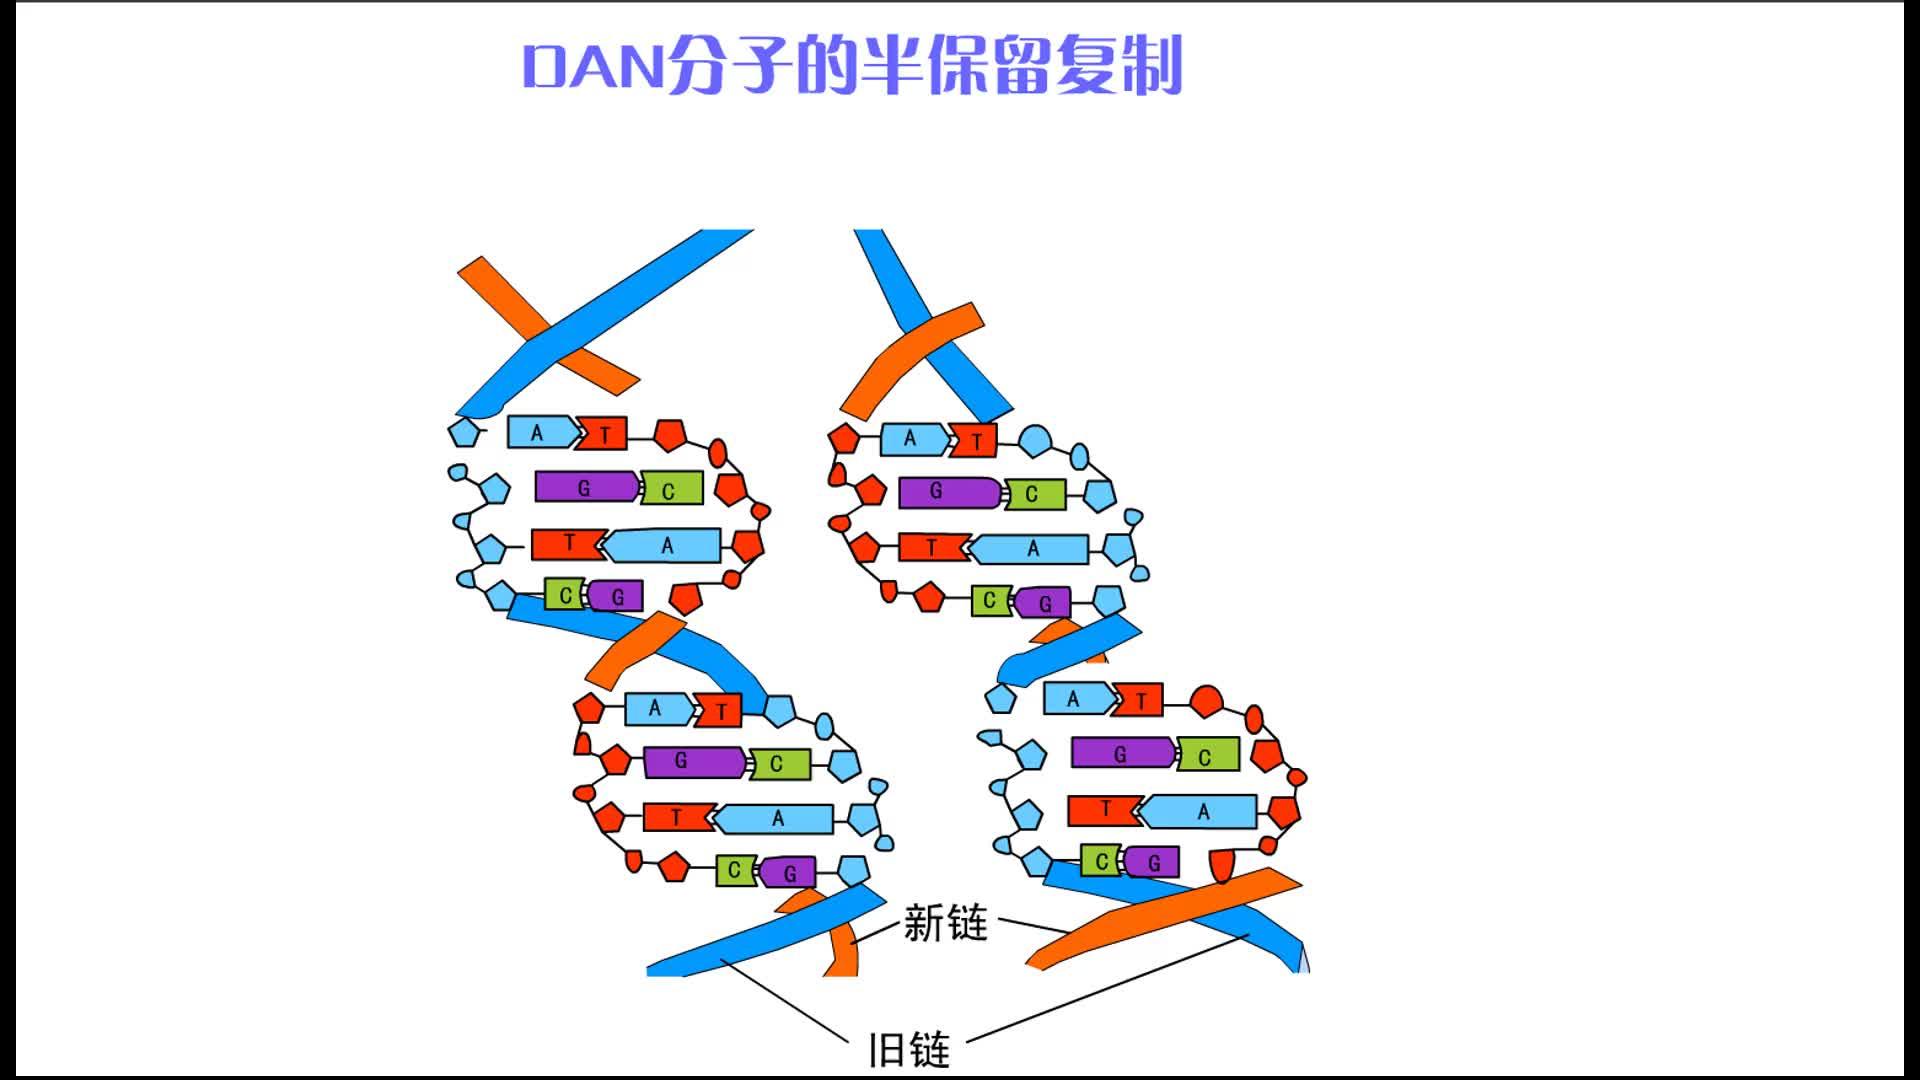 DNA分子的半保留复制-视频素材